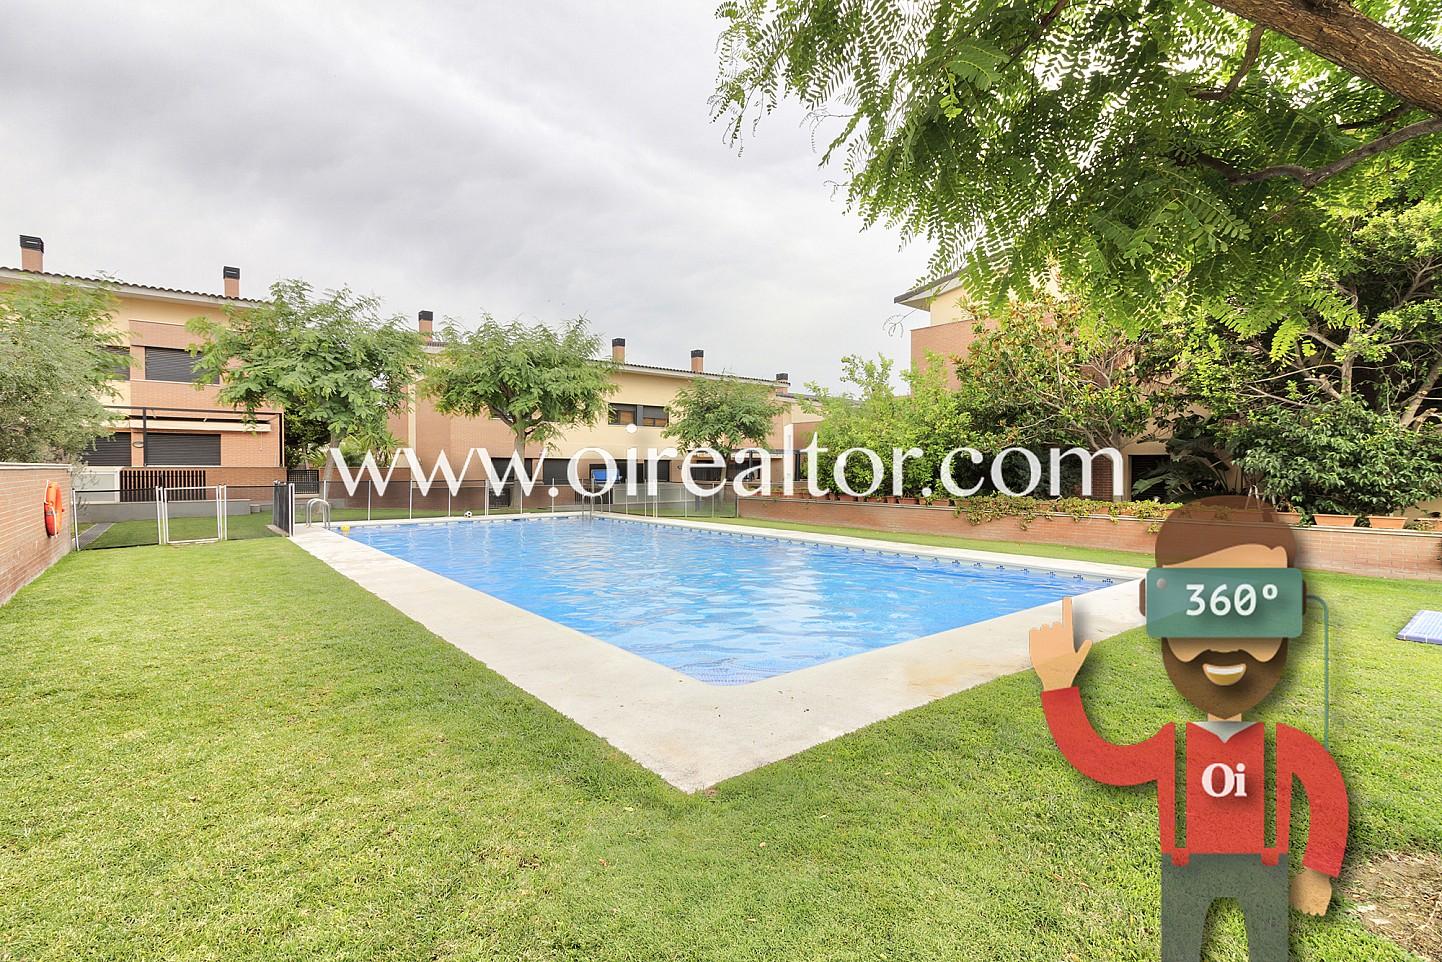 Precioso adosado con piscina en vilafortuny cambrils oi for Piscina cambrils